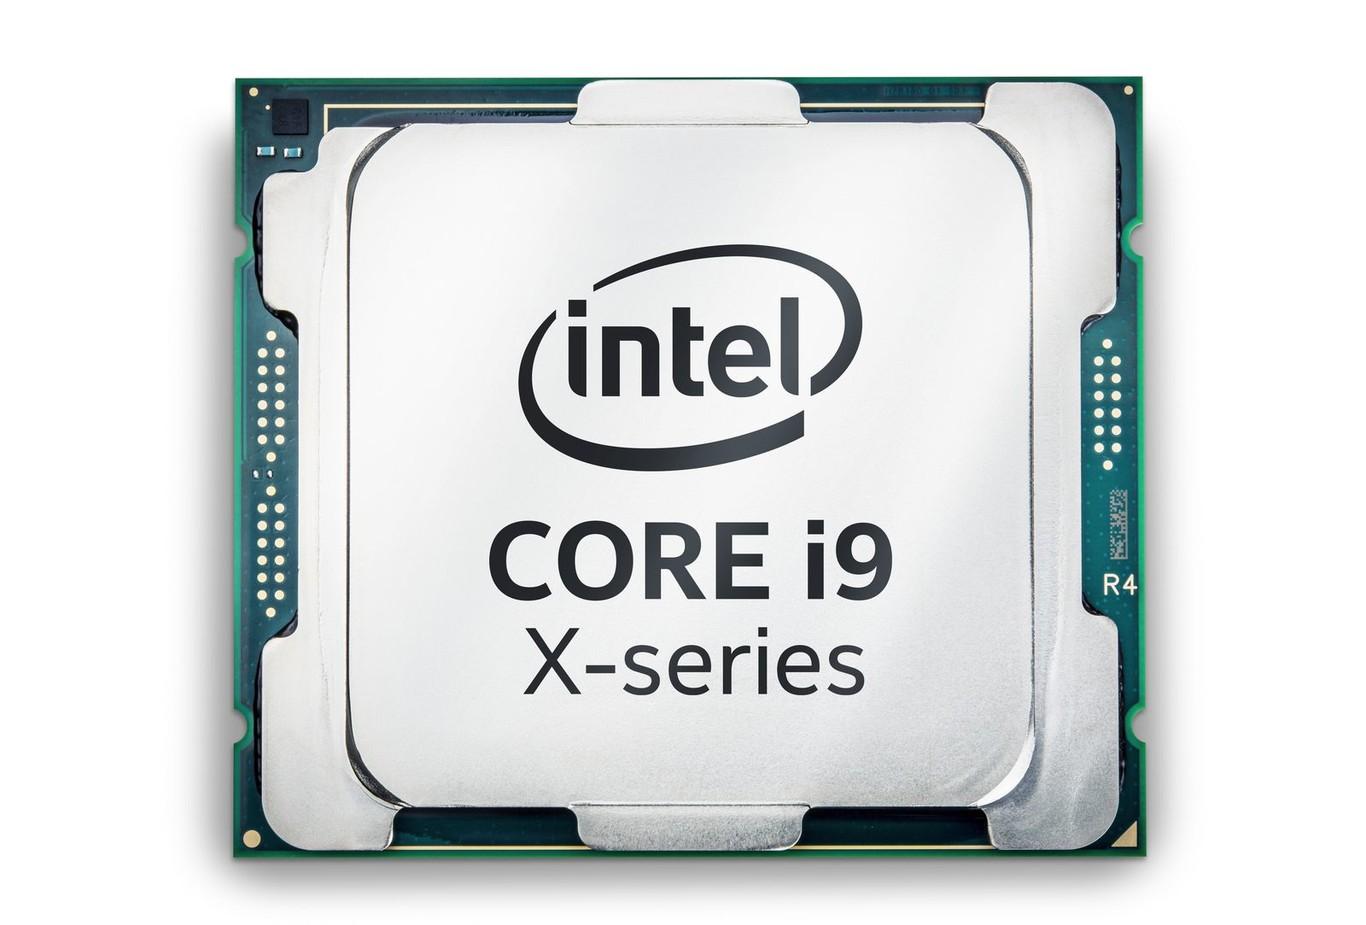 Photo of El Intel Core i9-7900X alcanza los 5 GHz con refrigeración líquida AIO y 4.5GHz con refrigeración por aire